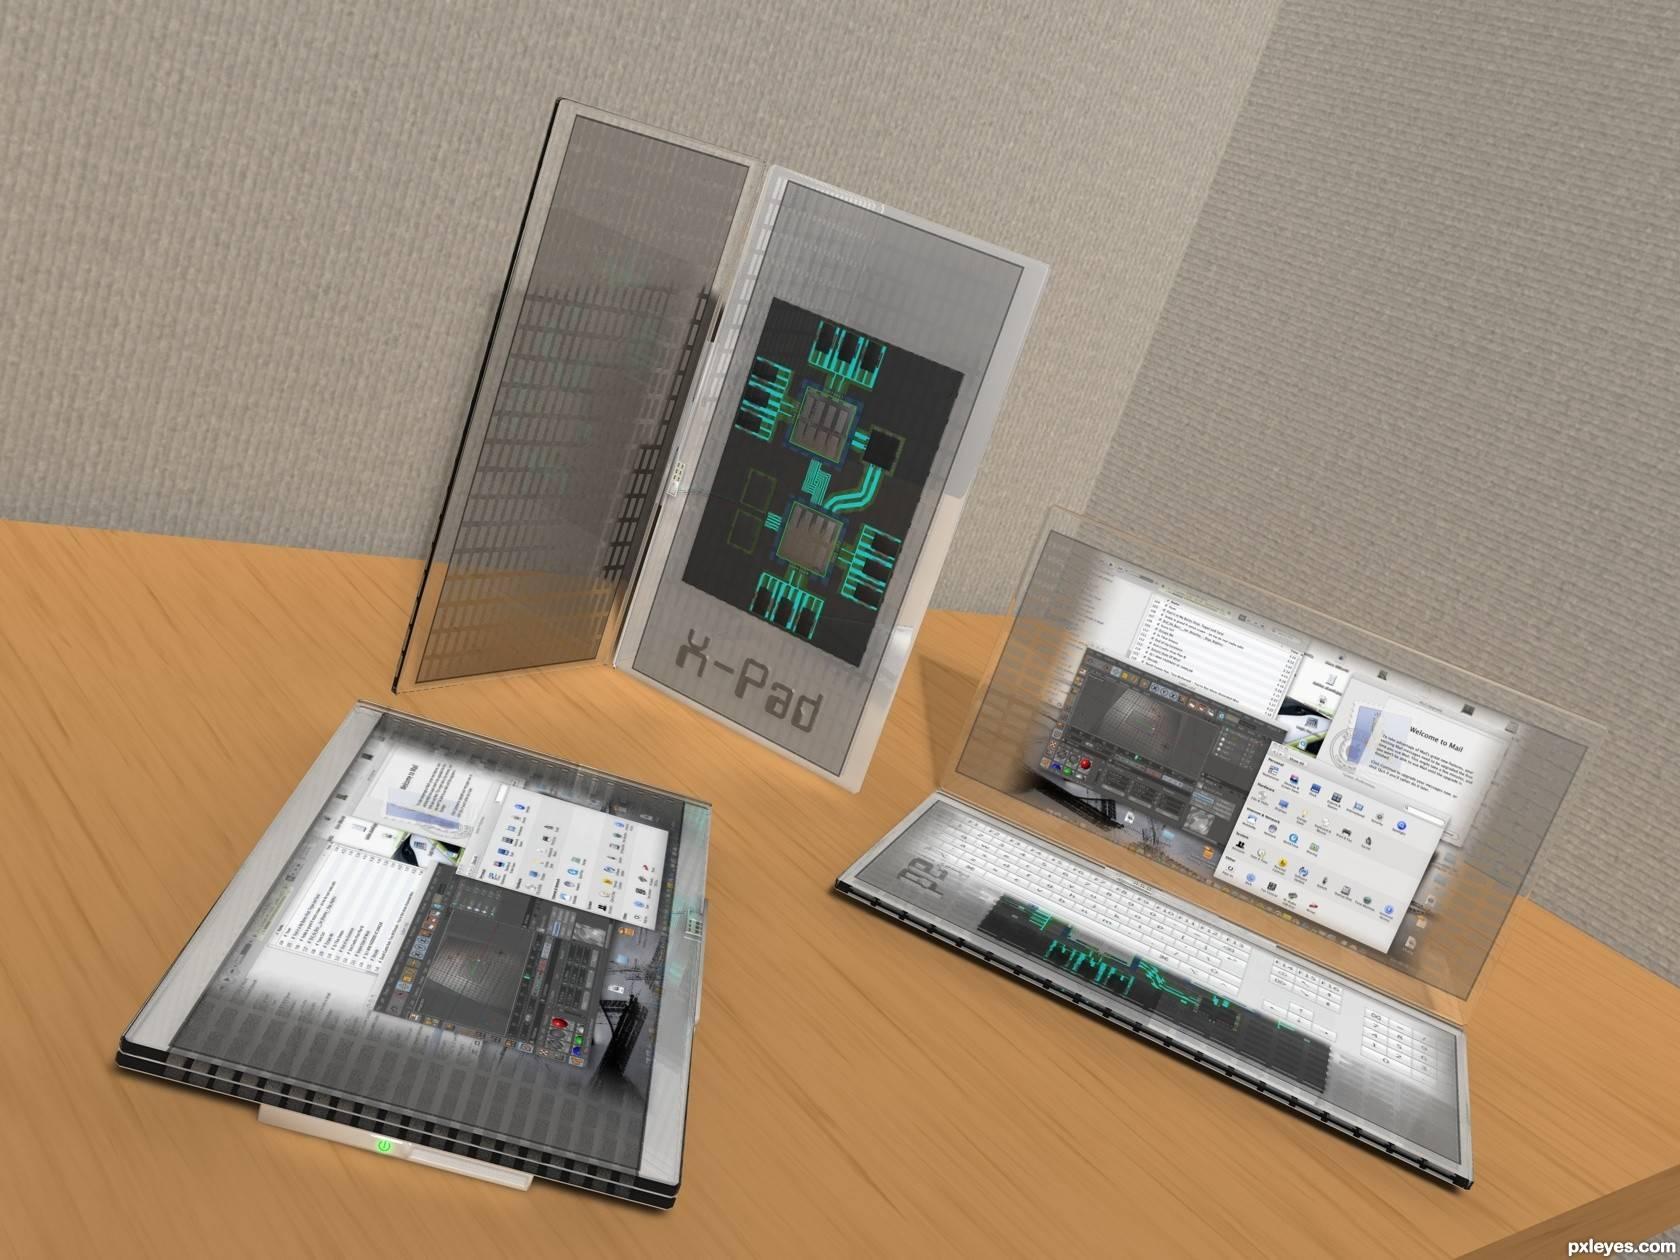 来自:http://www.pxleyes.com/3D-picture/4ed2151db3caf/X-pad.html